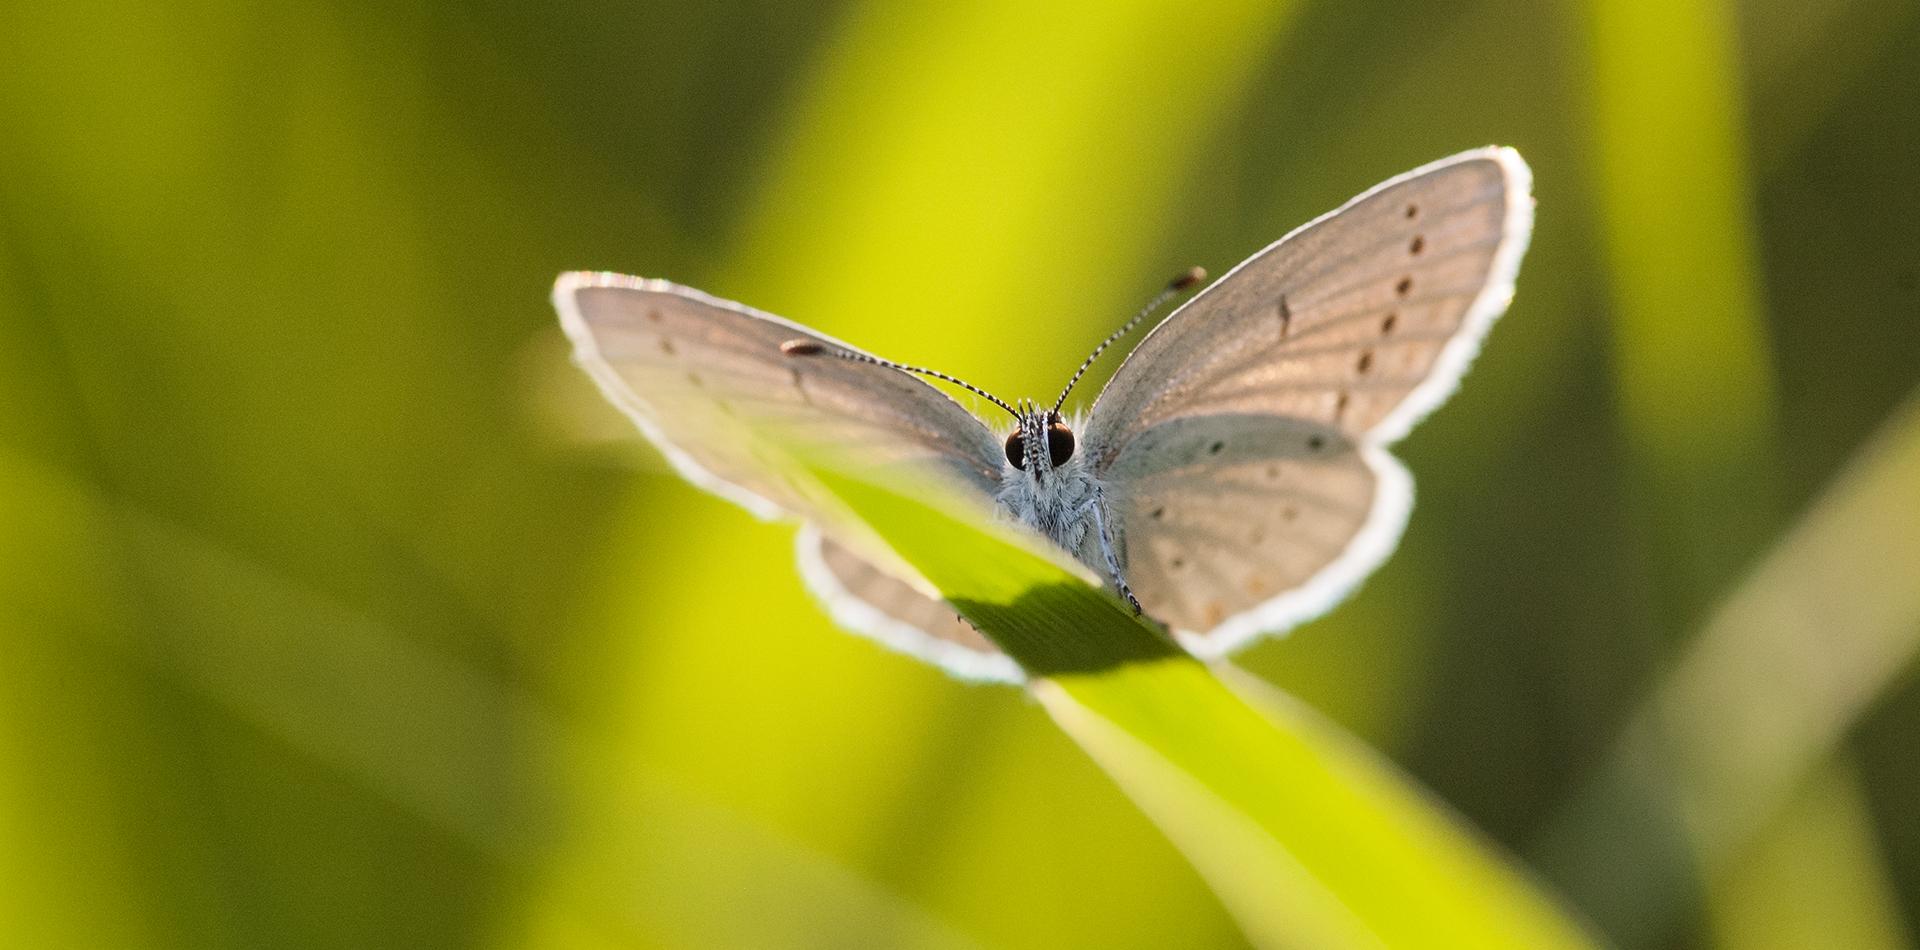 Motyle zdjęcia makro lublin